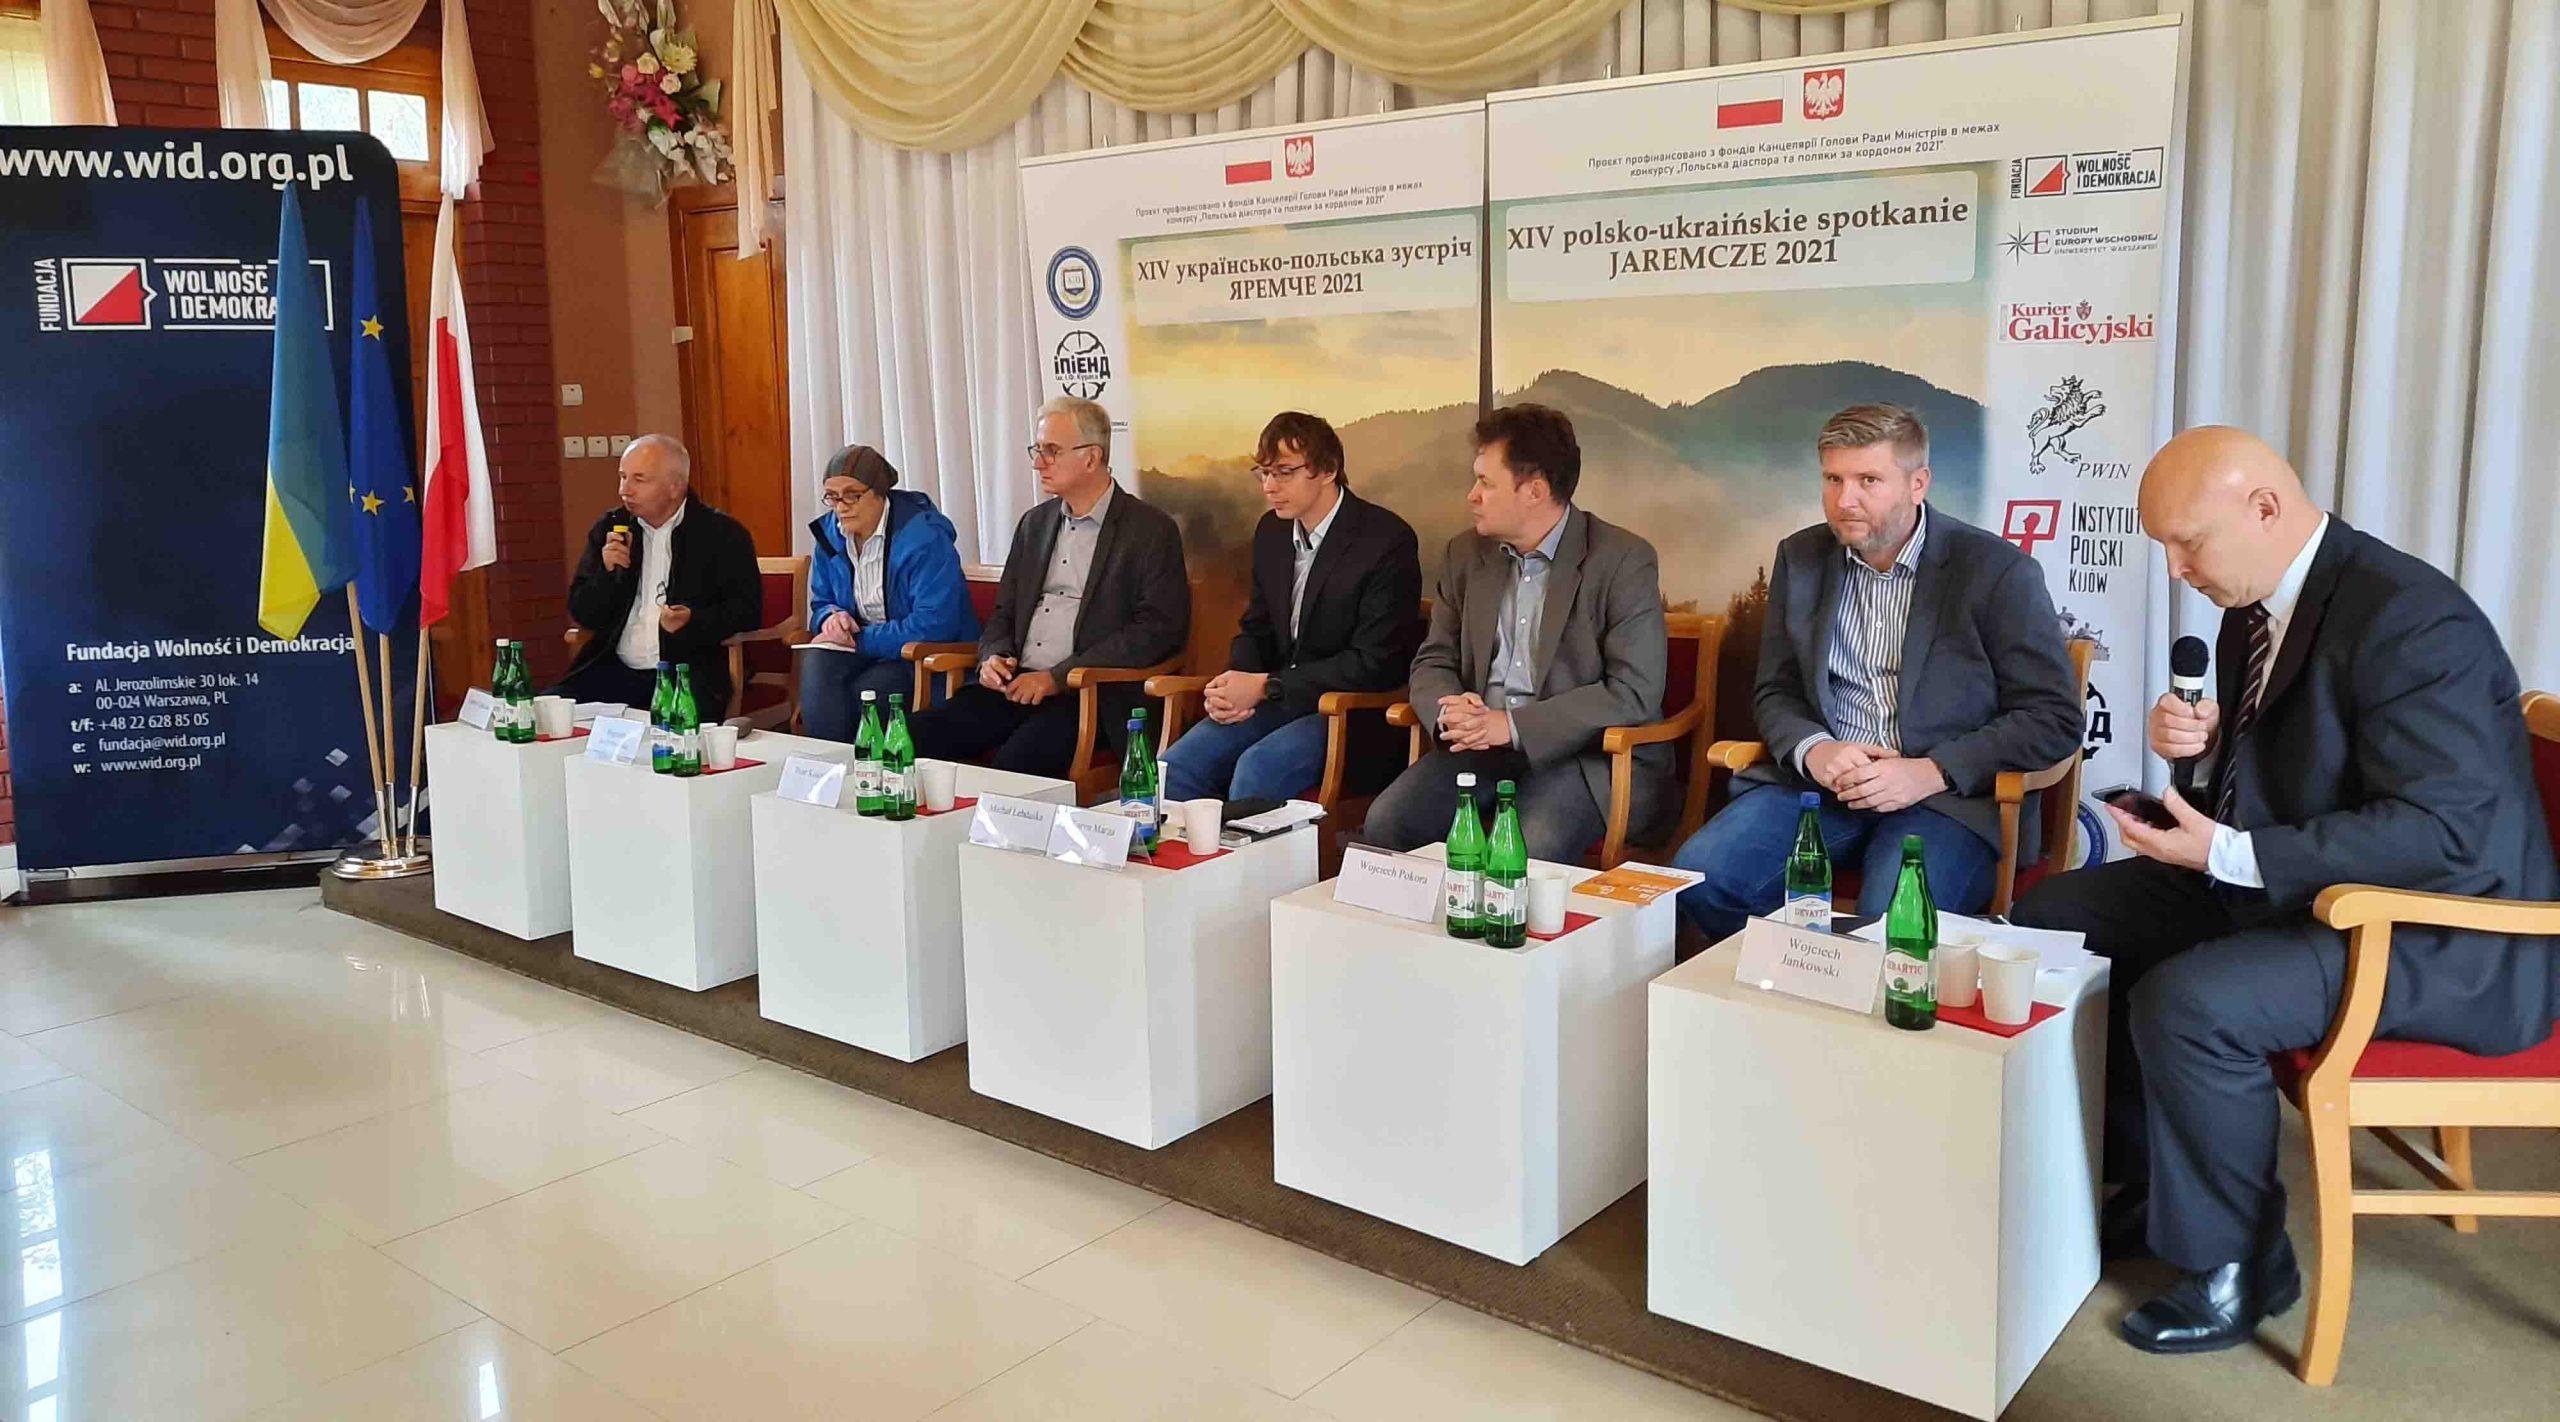 Jaremcze 2021: rola mediów w stosunkach polsko-ukraińskich